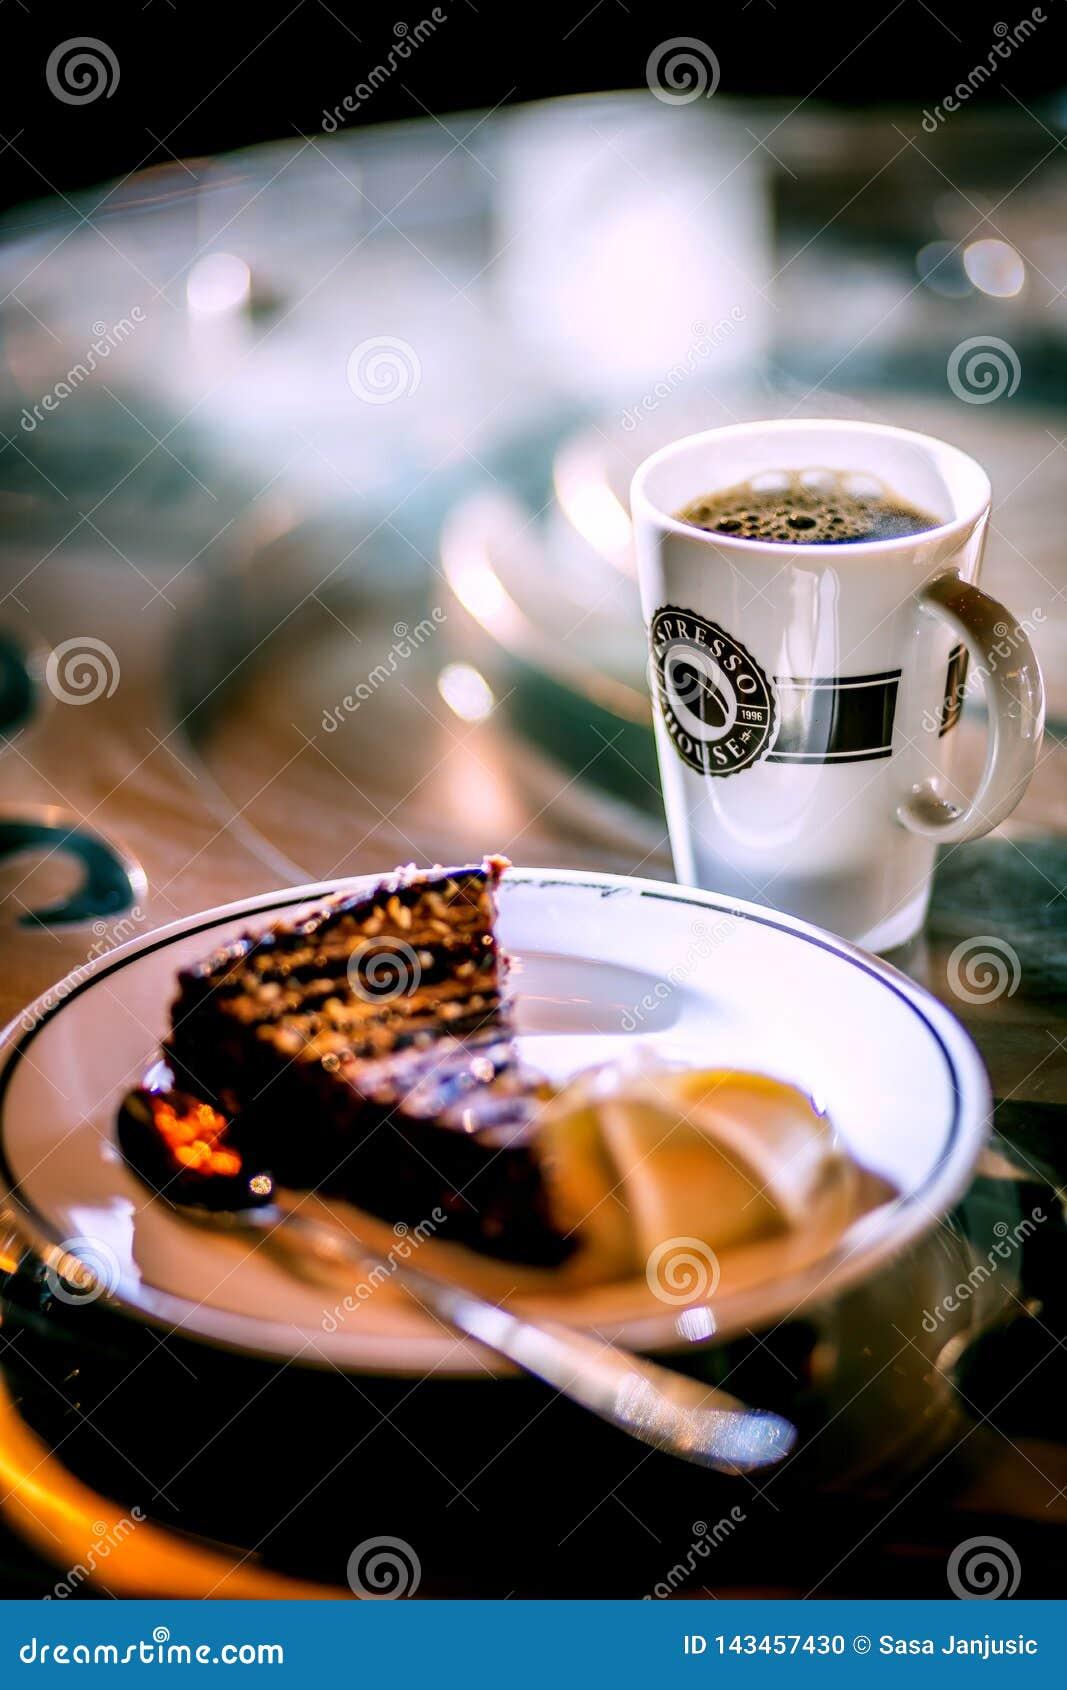 Sanfefjord, Norwegen, Espressohaus, beschädigt 2019 - Kaffeeespressoschale mit Käsekuchen auf dem Tisch